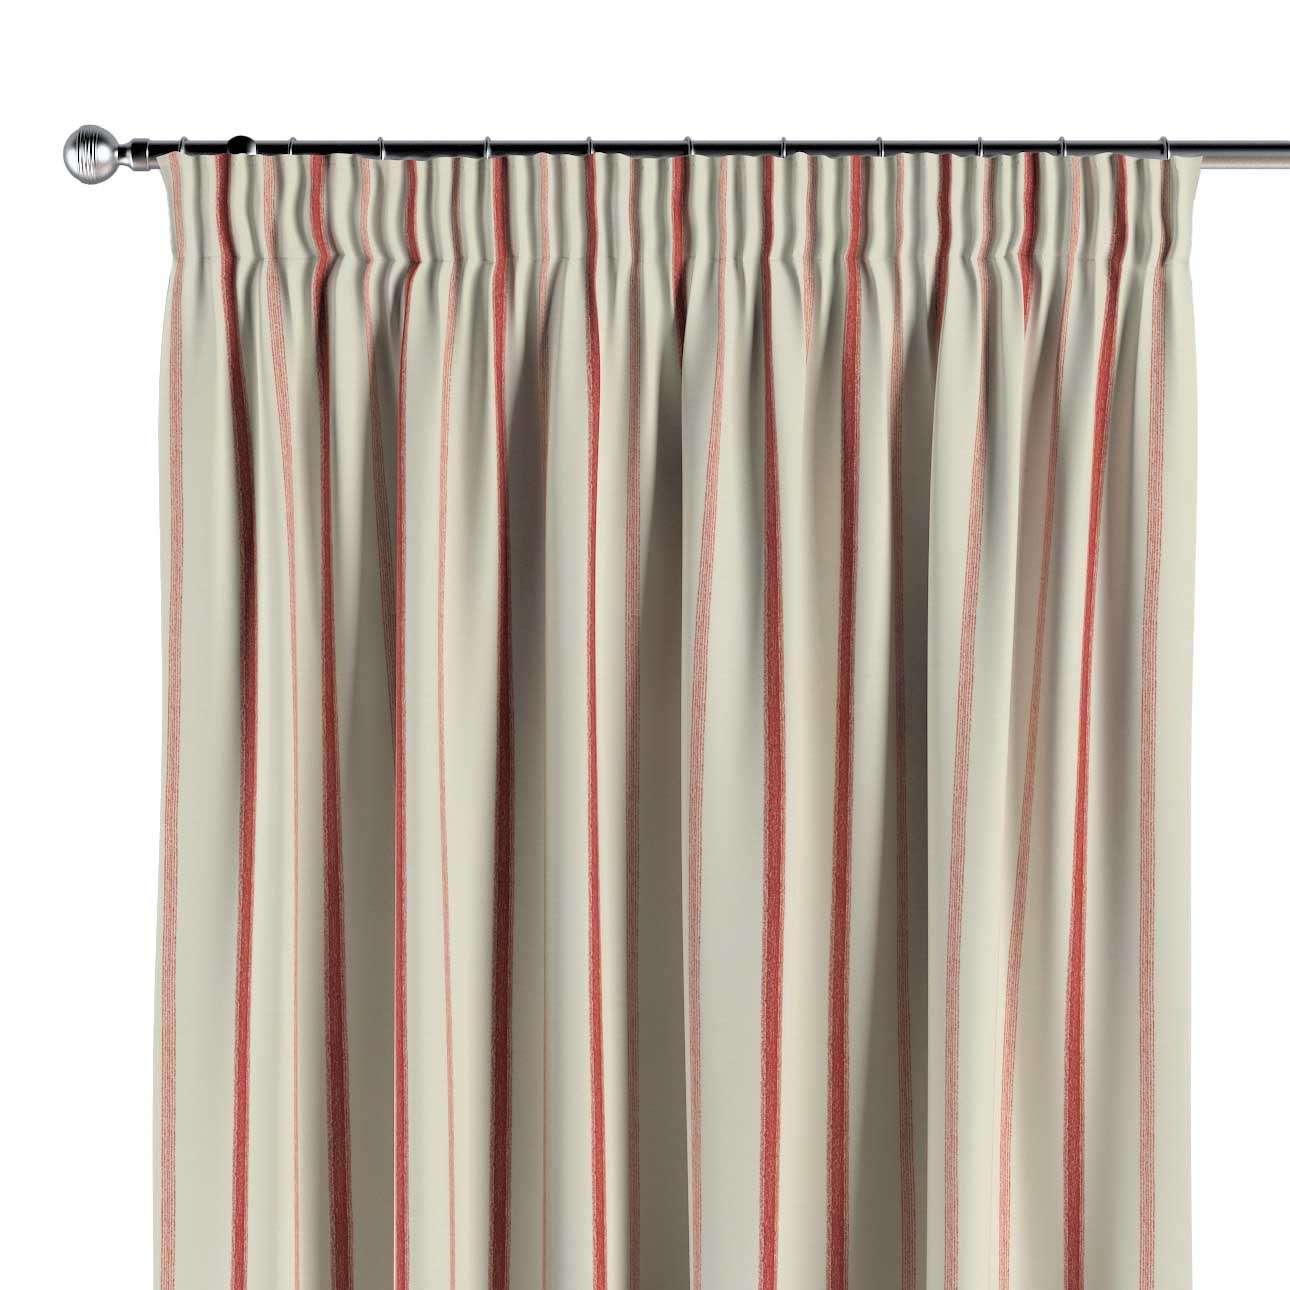 Záves na riasiacej páske 130 × 260 cm V kolekcii Avinon, tkanina: 129-15